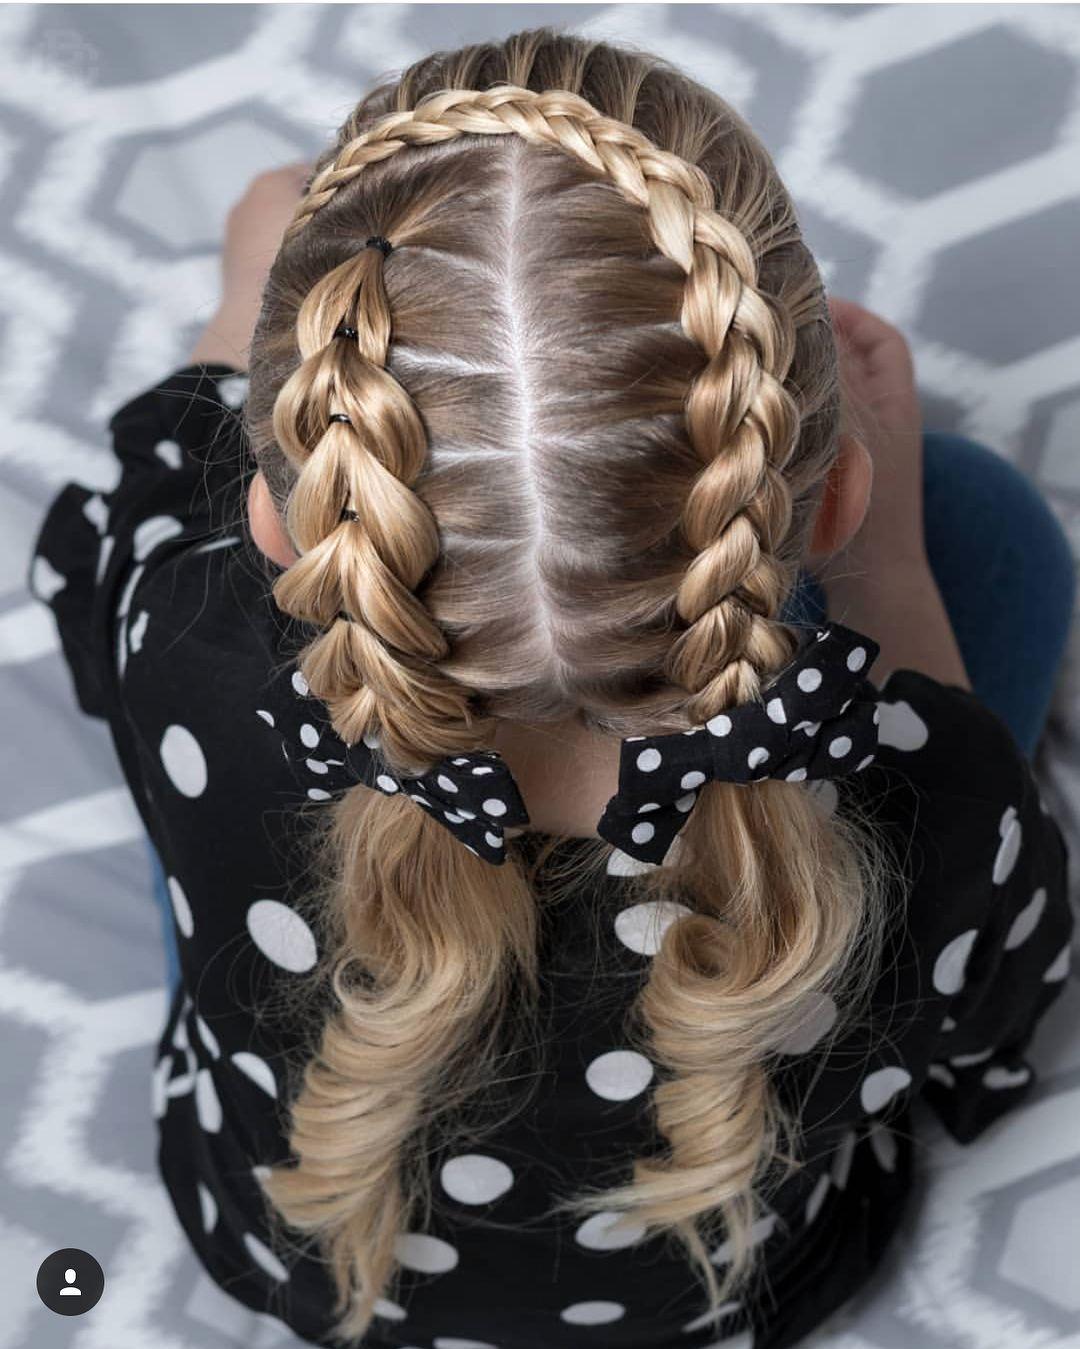 Na Obrazku Moze Byt Jedna Osoba Alebo Viaceri ľudia Braids For Long Hair Hair Styles Braided Hairstyles